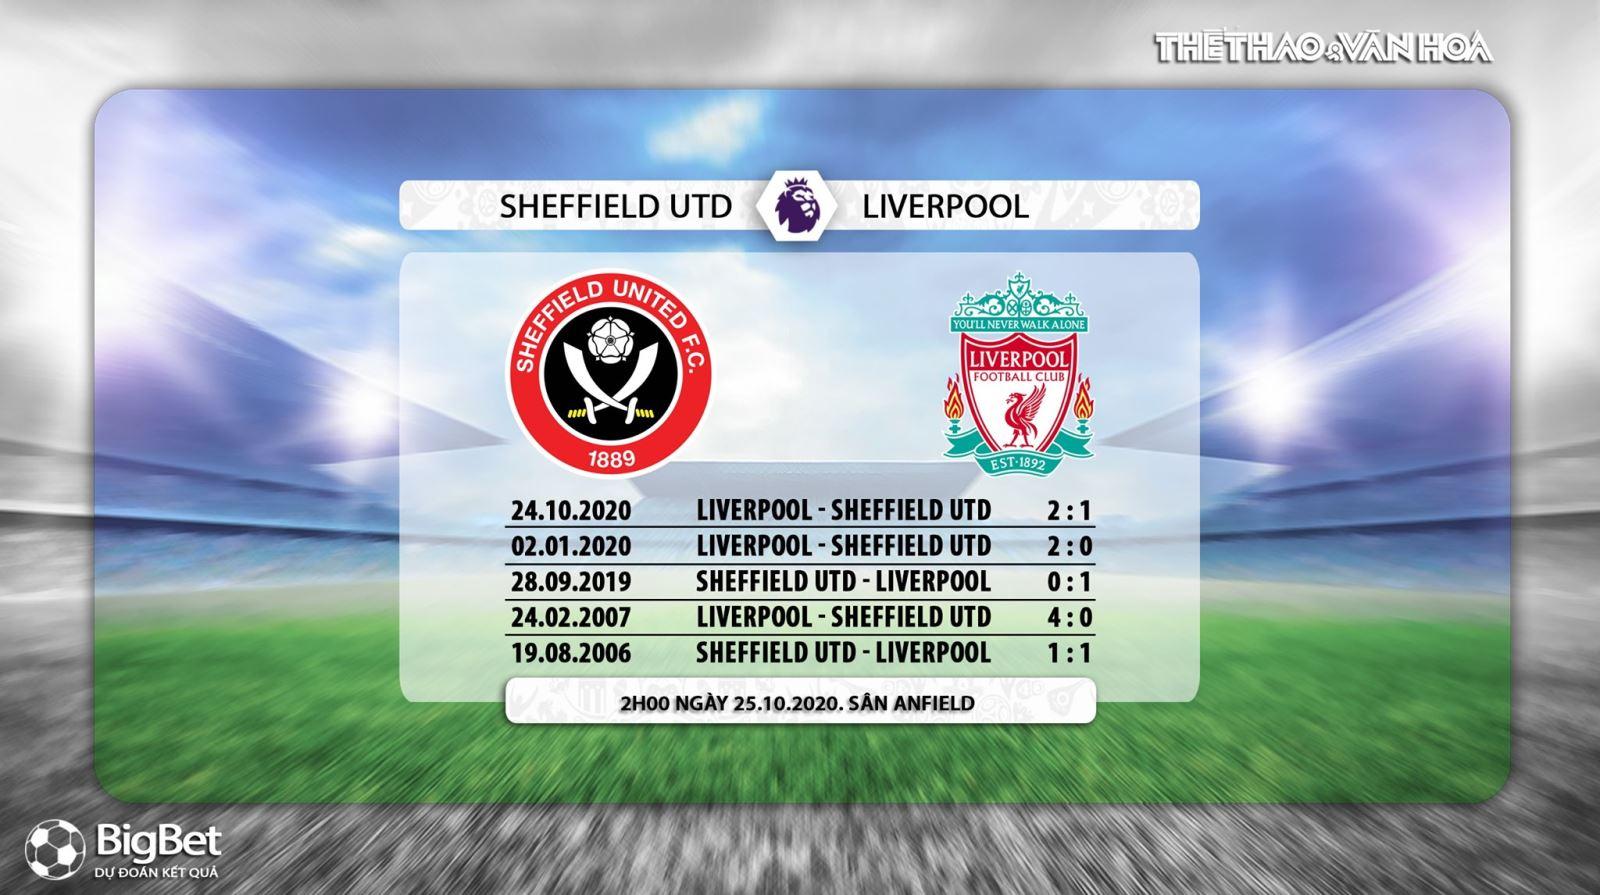 Keo nha cai, kèo nhà cái,Sheffied vs Liverpool, K+, K+PM trực tiếp bóng đá Ngoại hạng Anh,Truc tiep bong da, Trực tiếp Sheffield vs Liverpool, Kèo Sheffield Liverpool